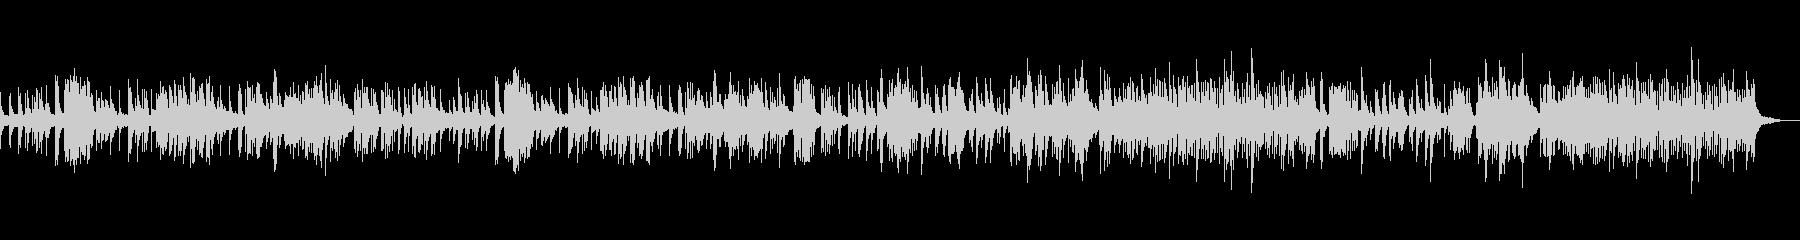 真夜中のゴルトベルク変奏曲 BWV988の未再生の波形